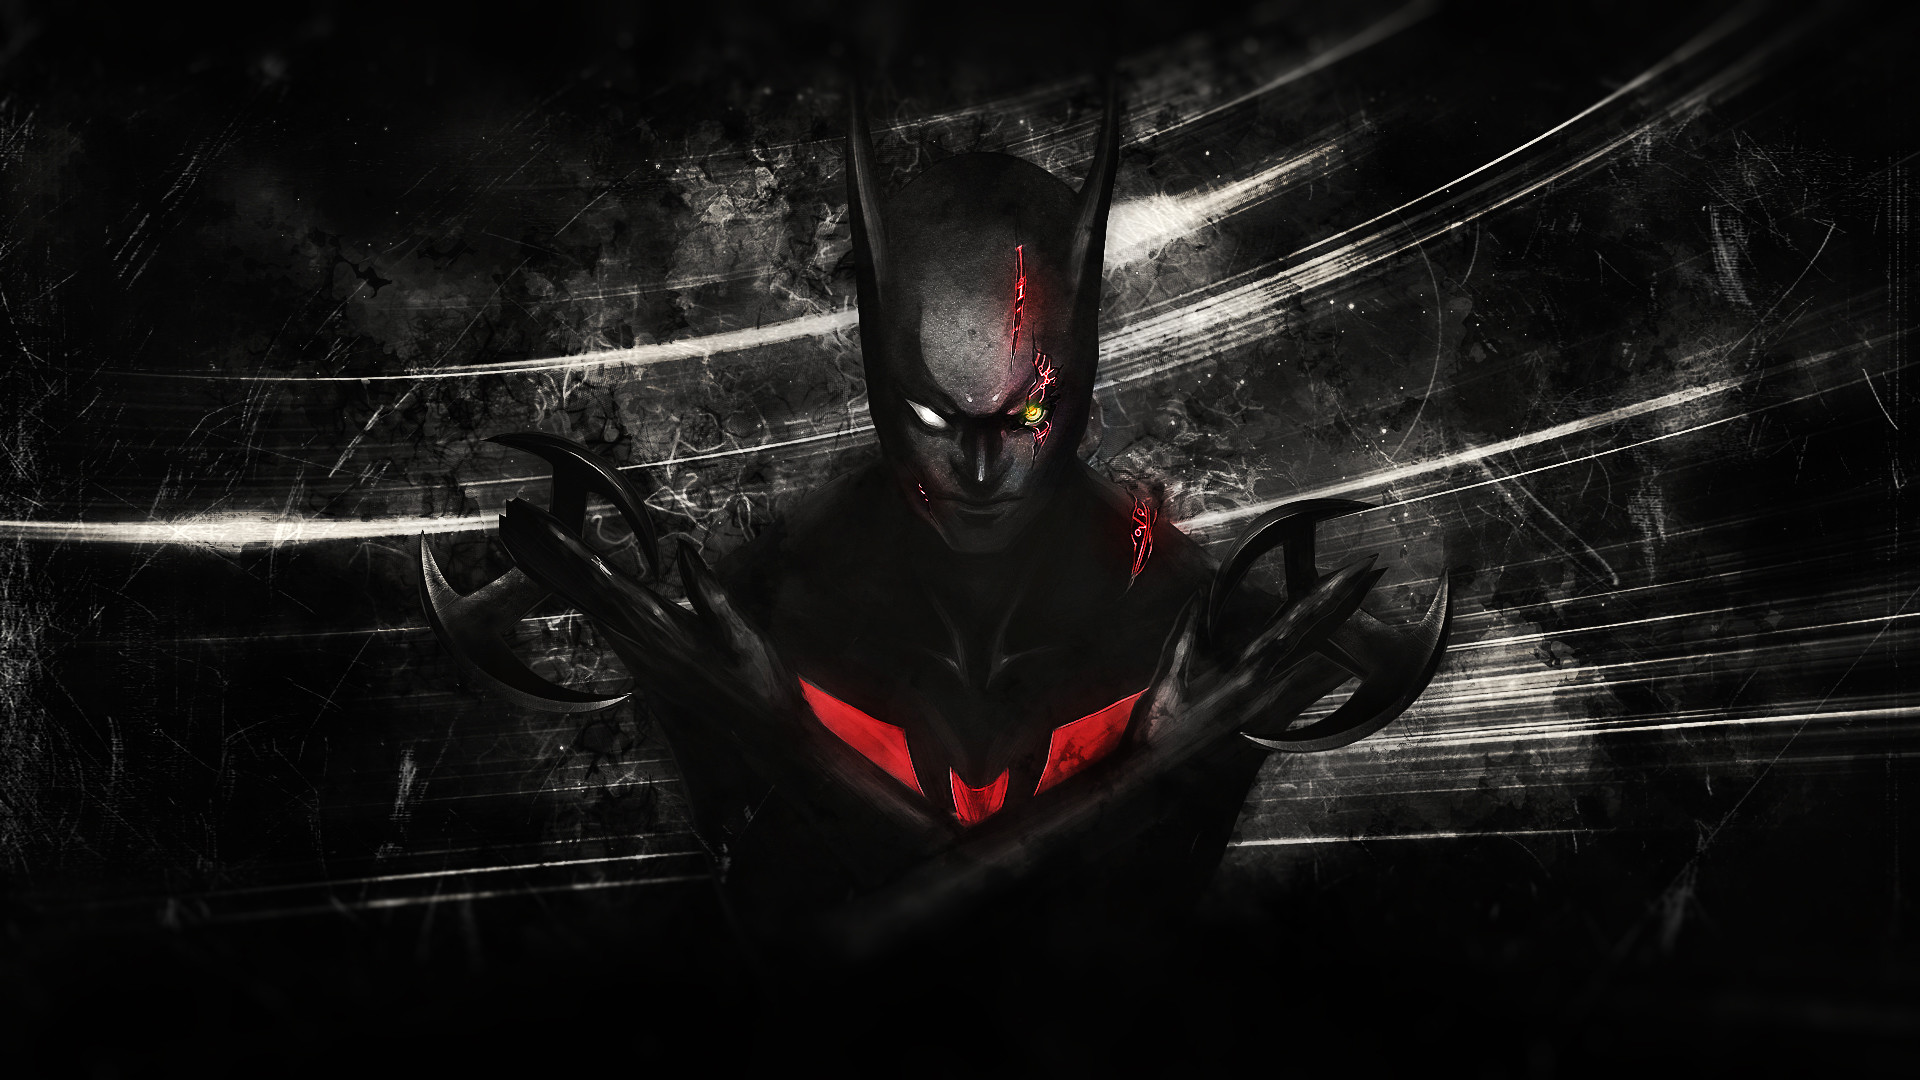 Res: 1920x1080, Batman Beyond Wallpapers Hd